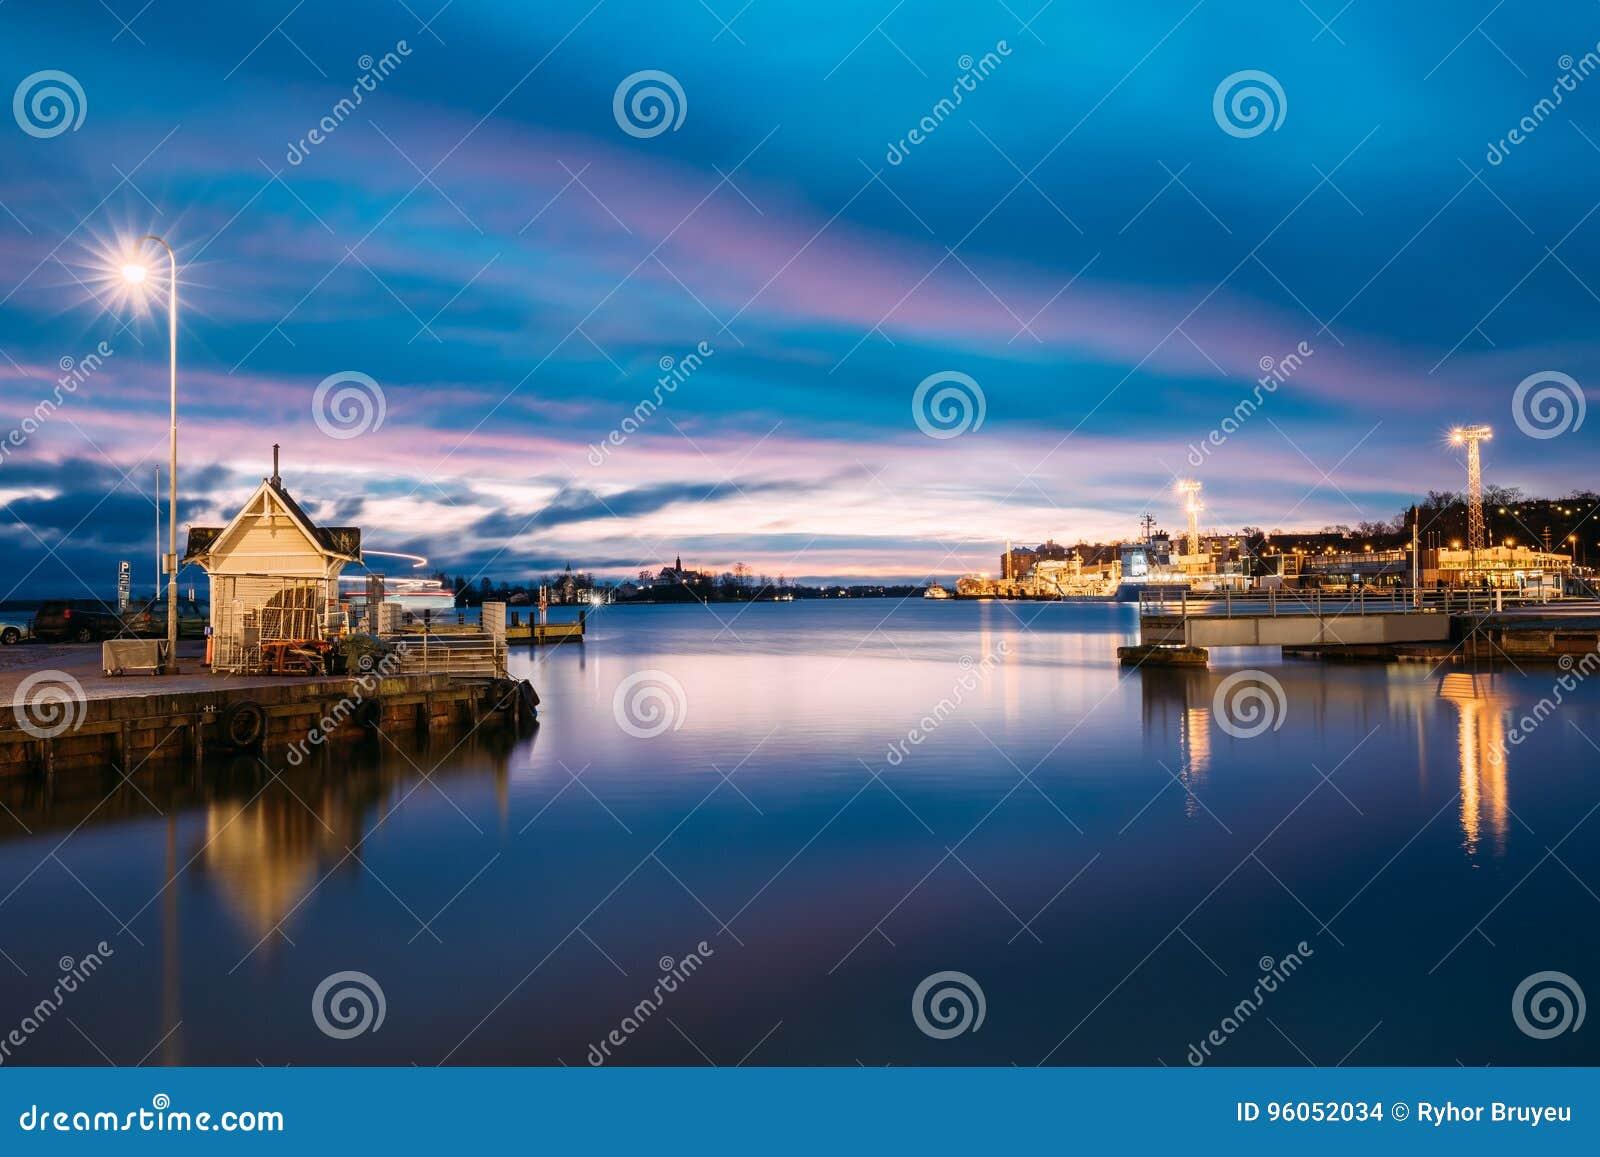 Helsinki, Finlande Paysage avec le pilier de ville, jetée au lever de soleil d hiver